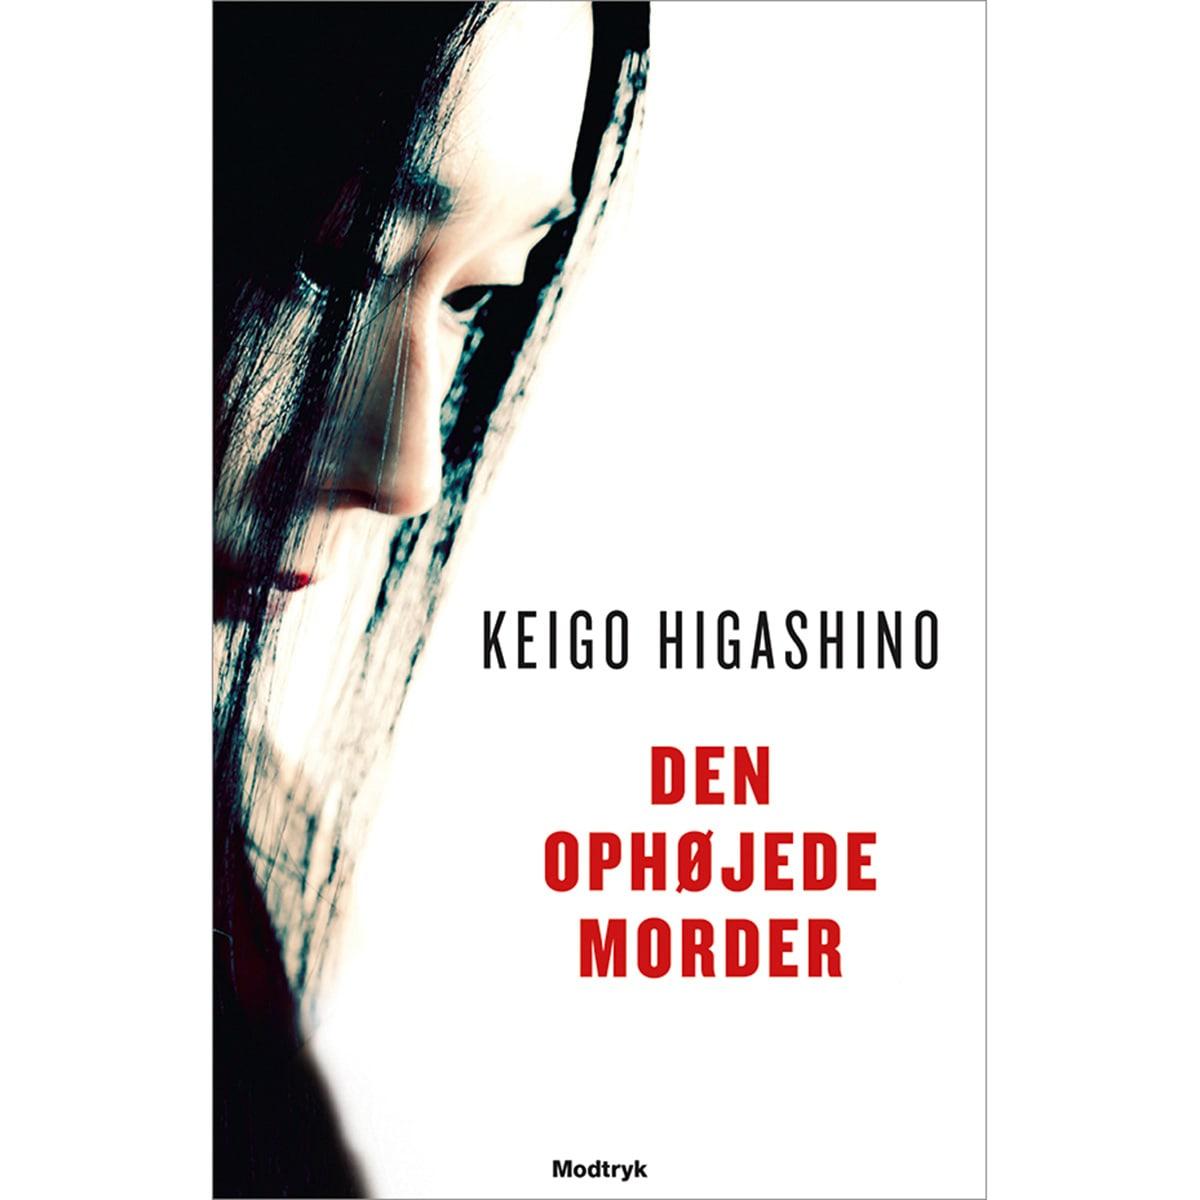 Af Keigo Higashino